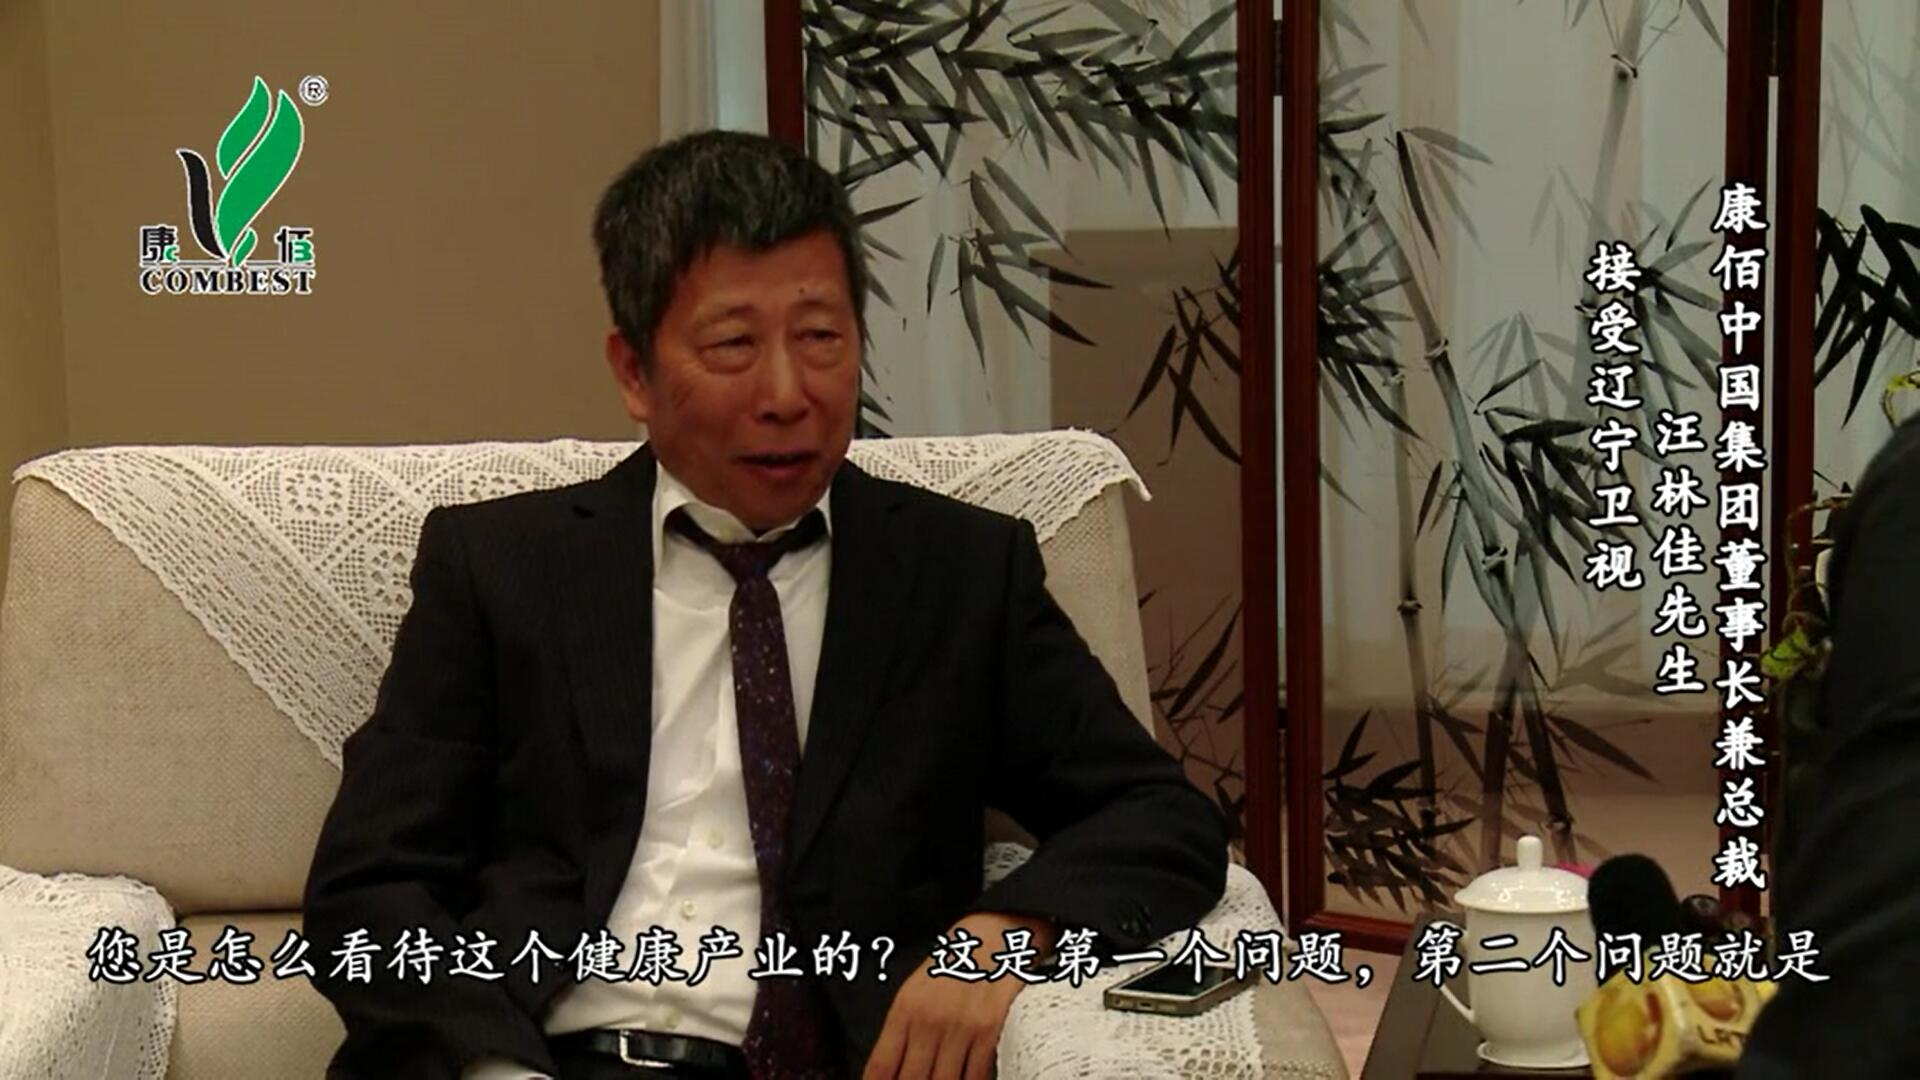 汪林佳先生接受遼寧衛視采訪